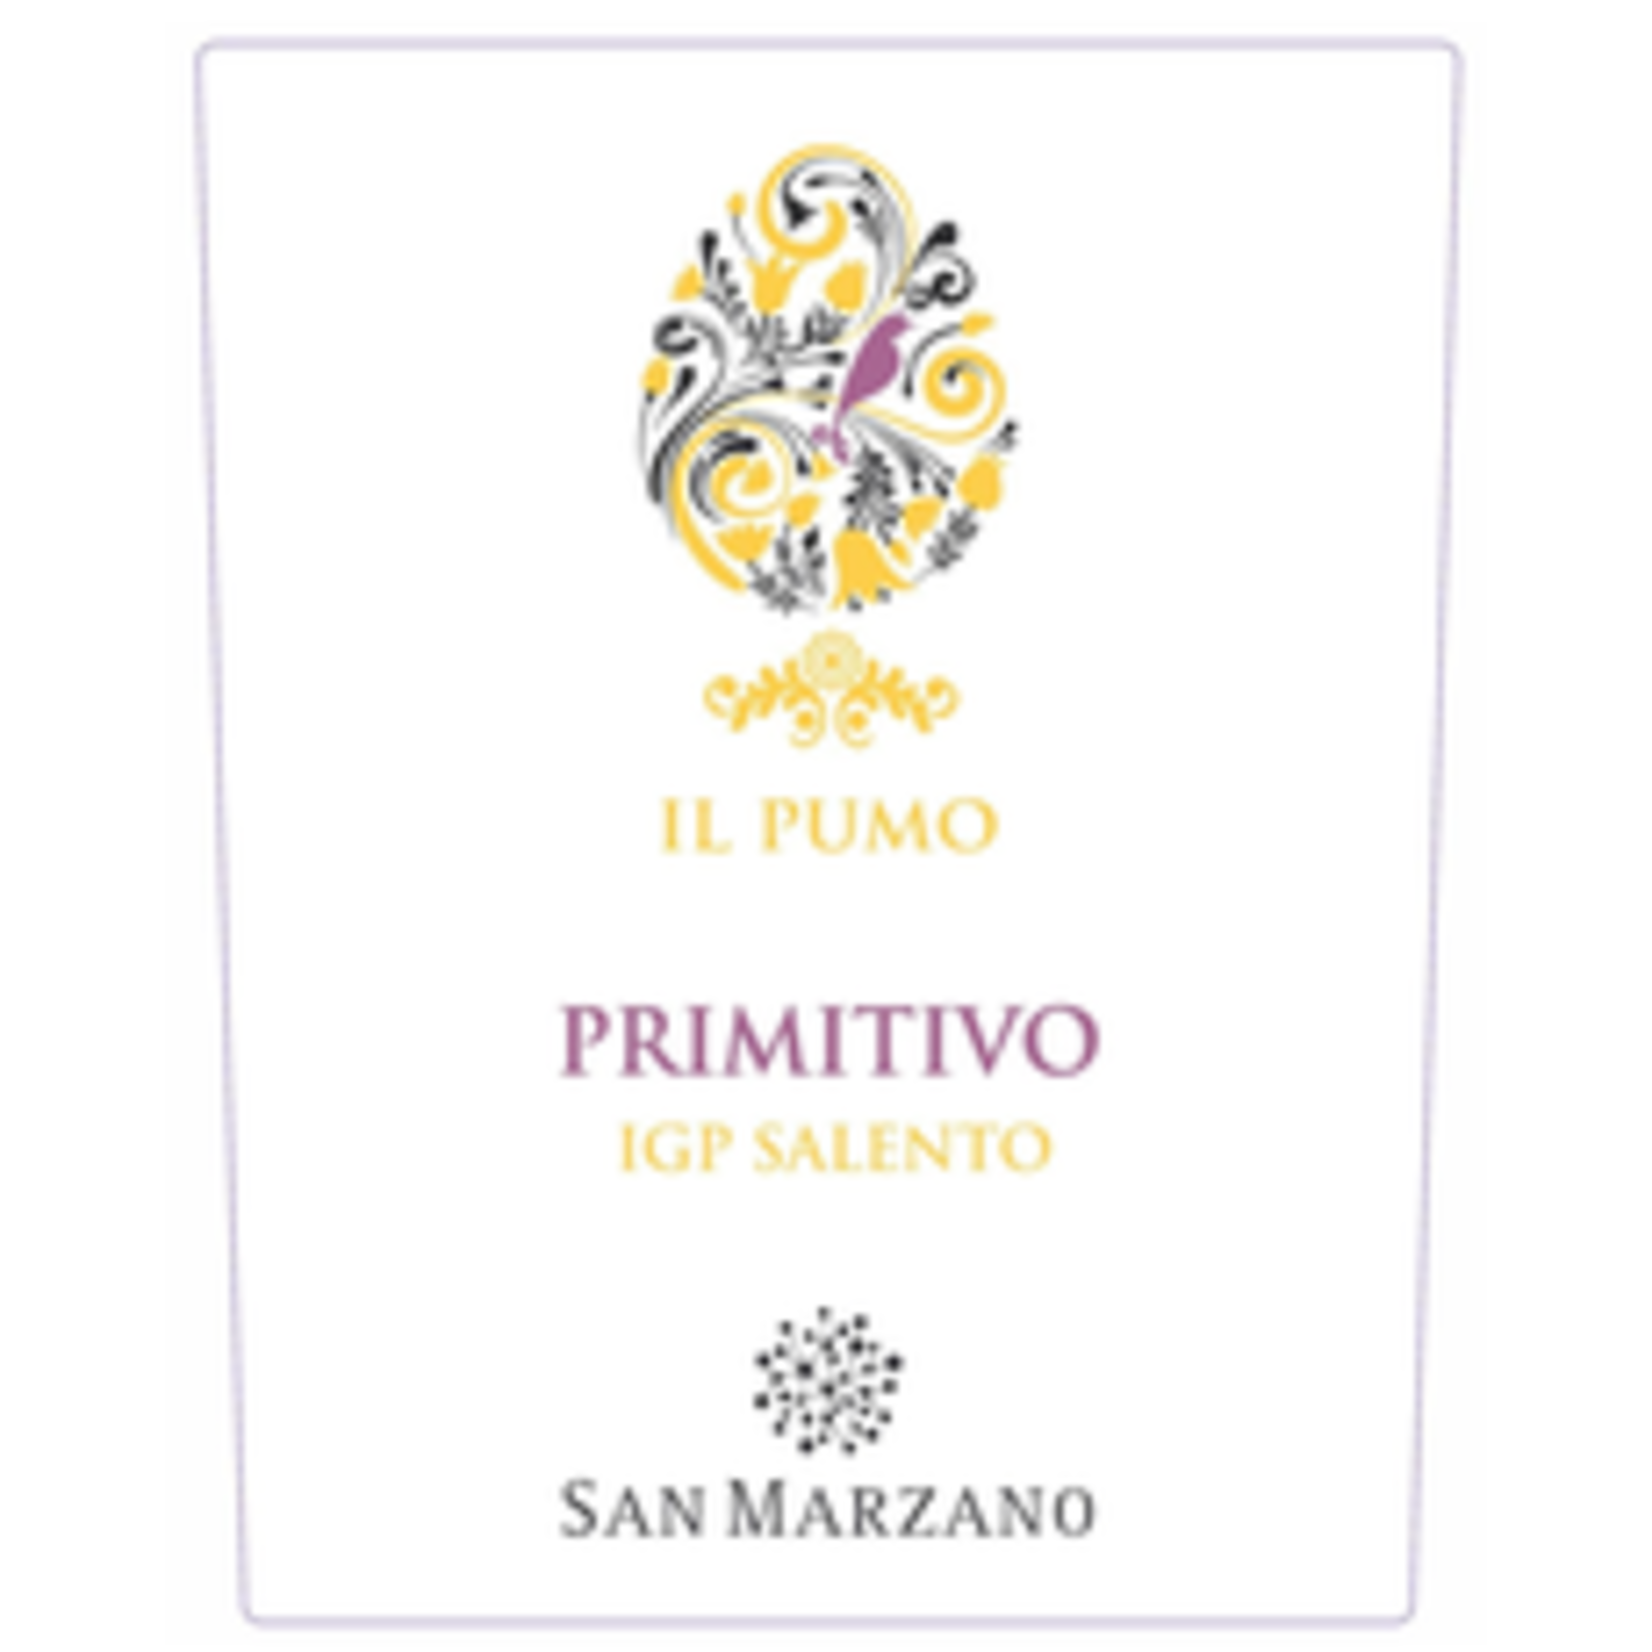 Wine Cantine San Marzano, Il Pumo Salento Primitivo 2019